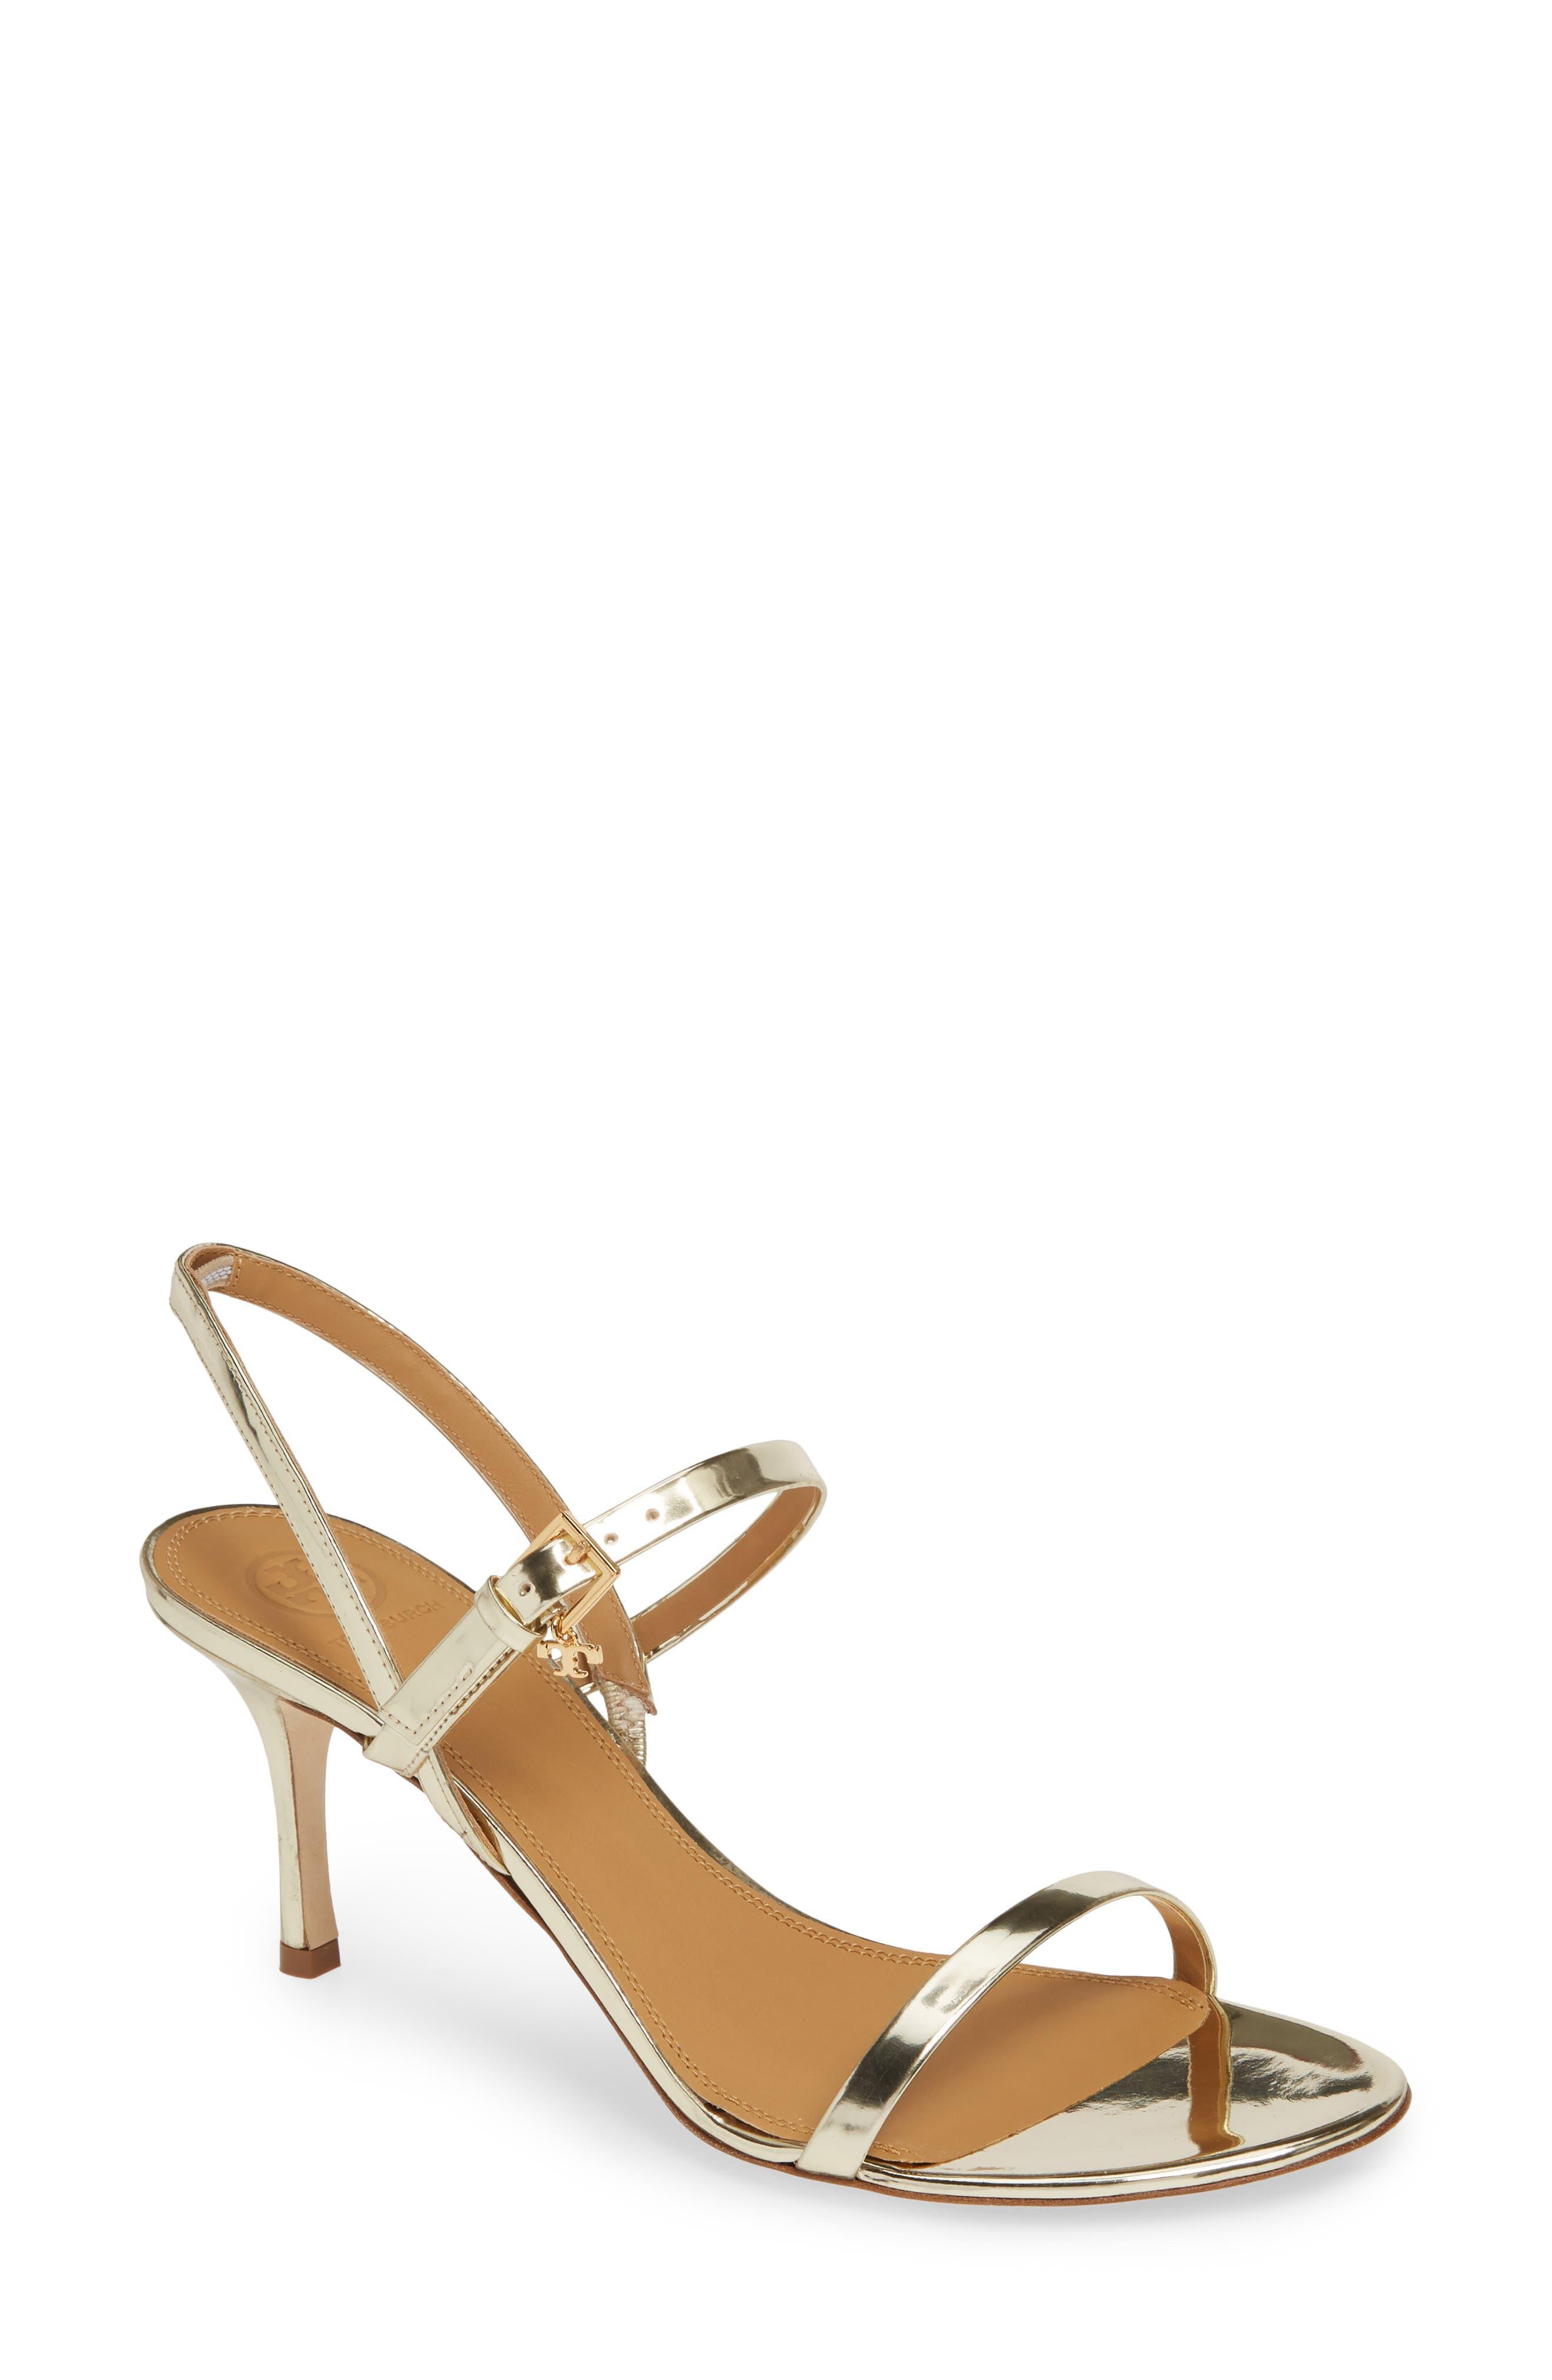 298d7cd1387f Metallic Tory Burch Sandals   Flip-Flops